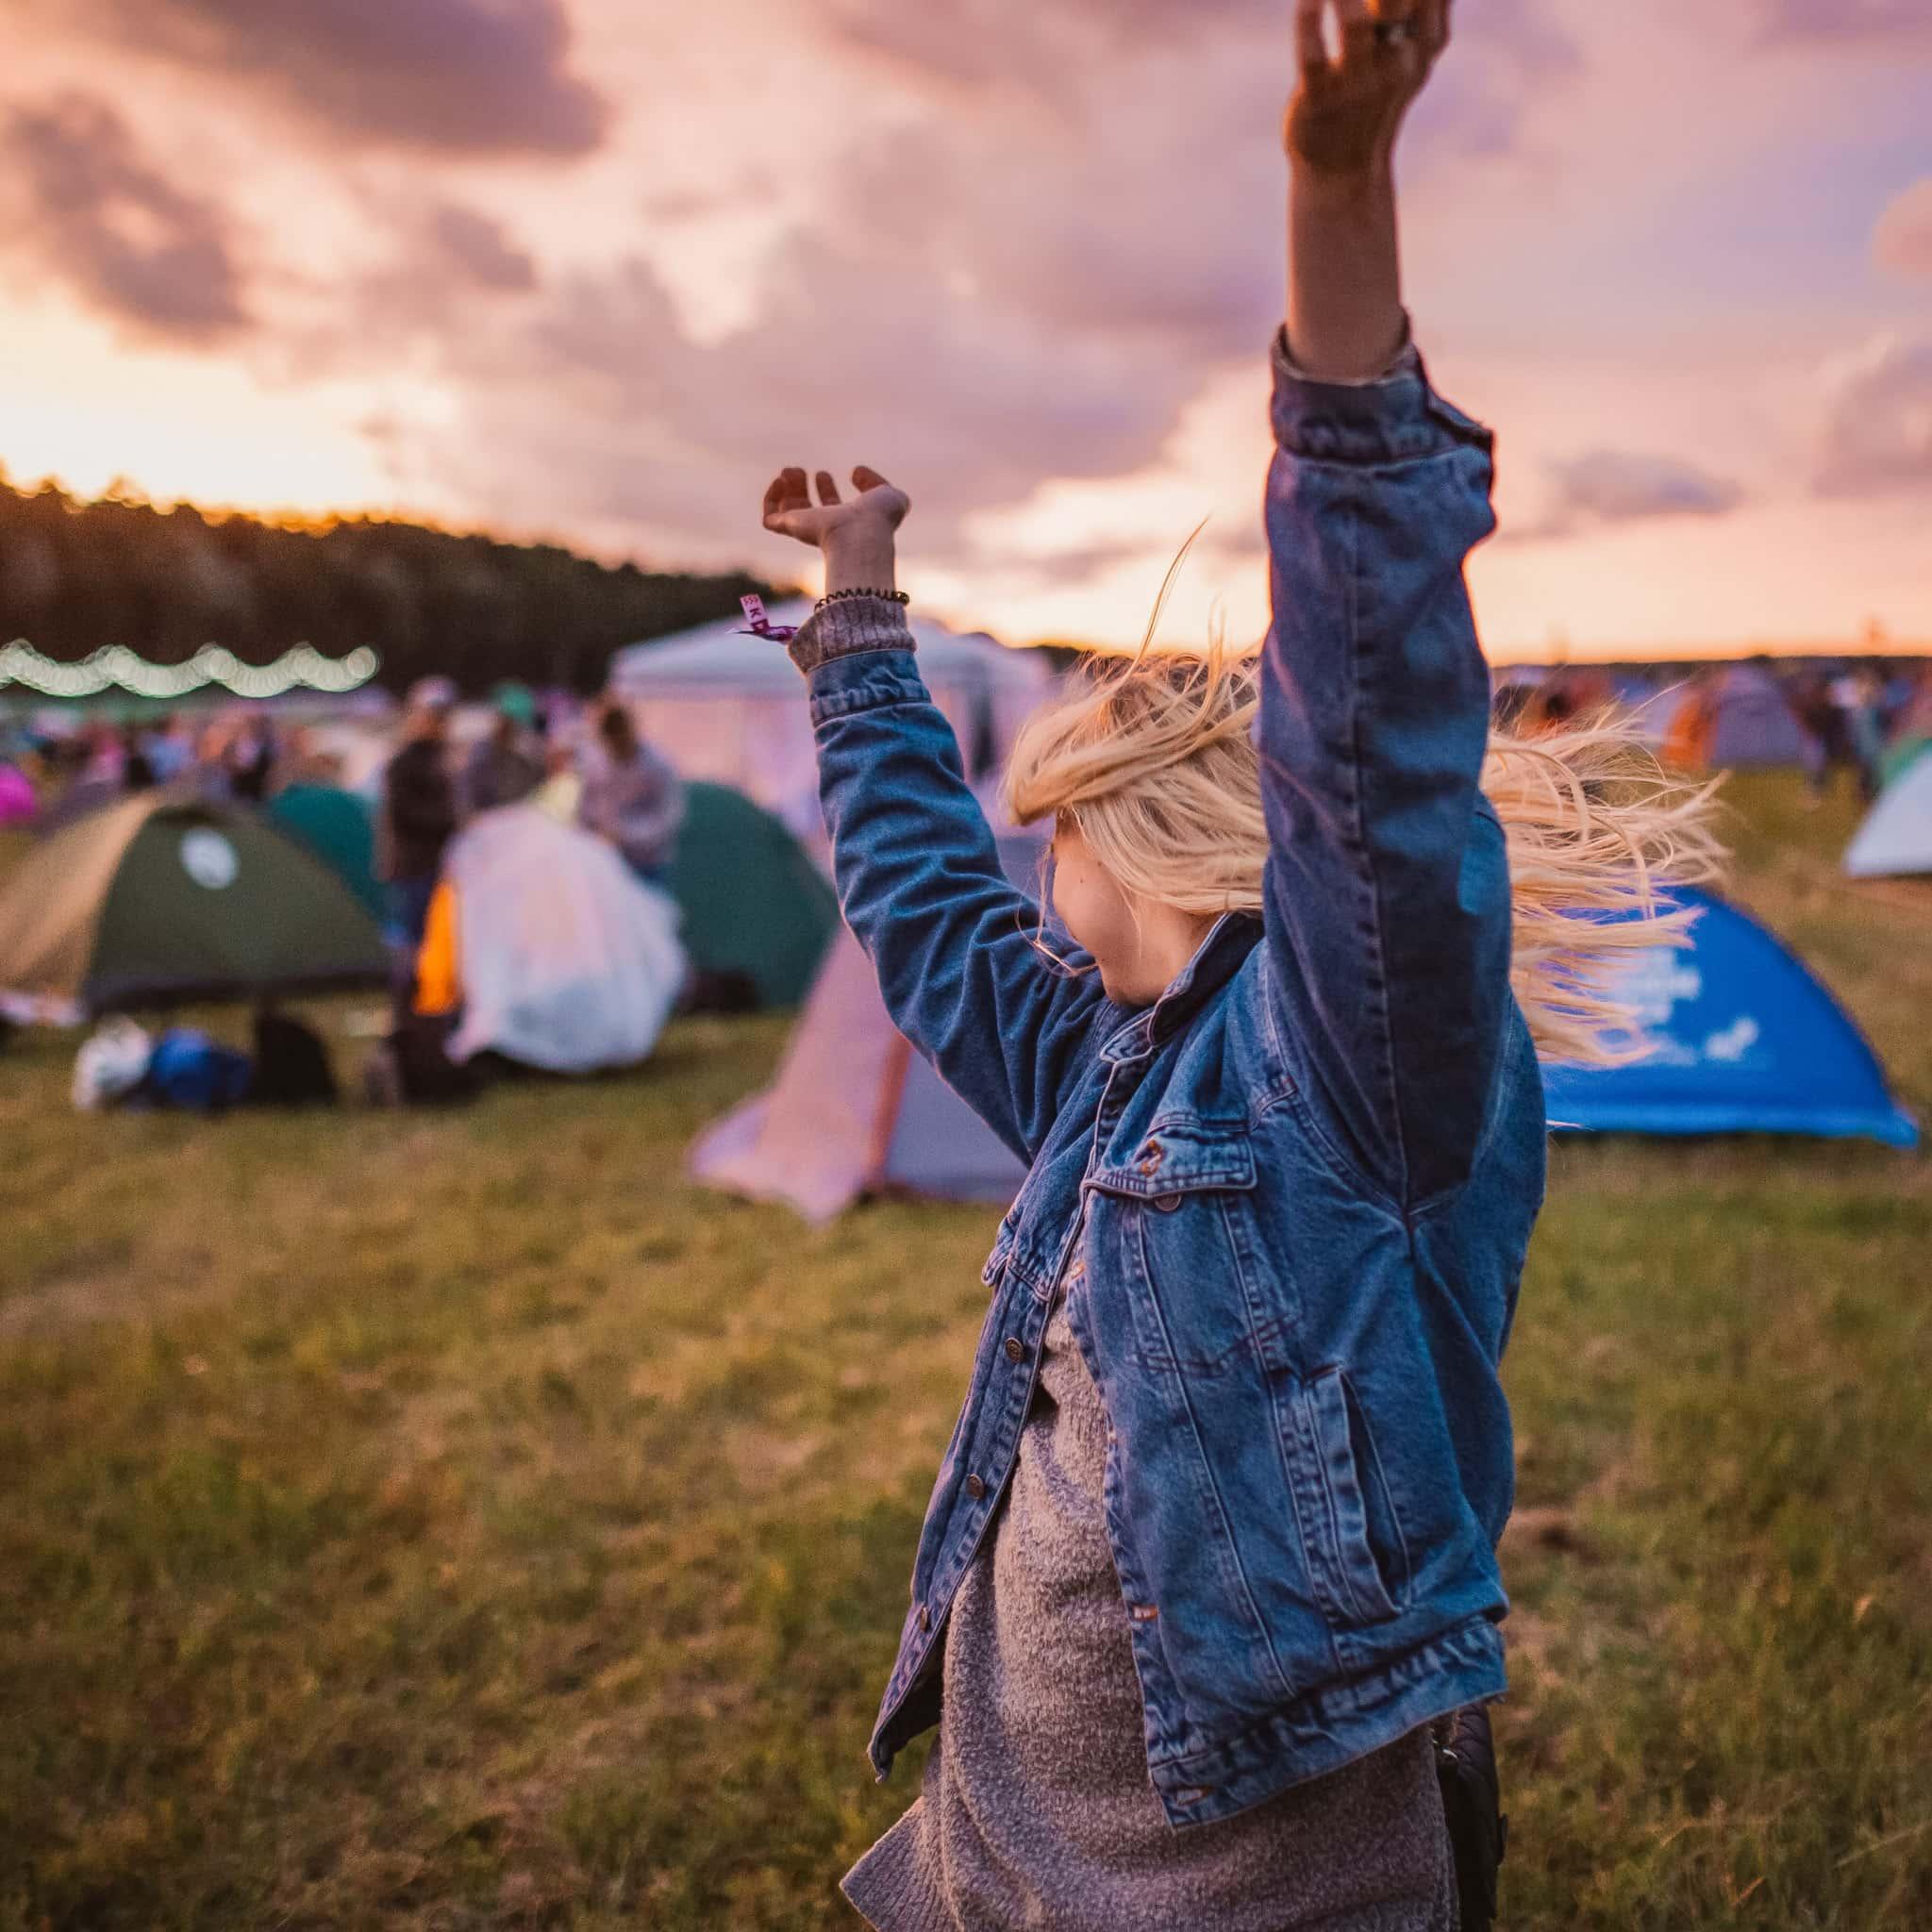 Femme dansant au camping d'un festival